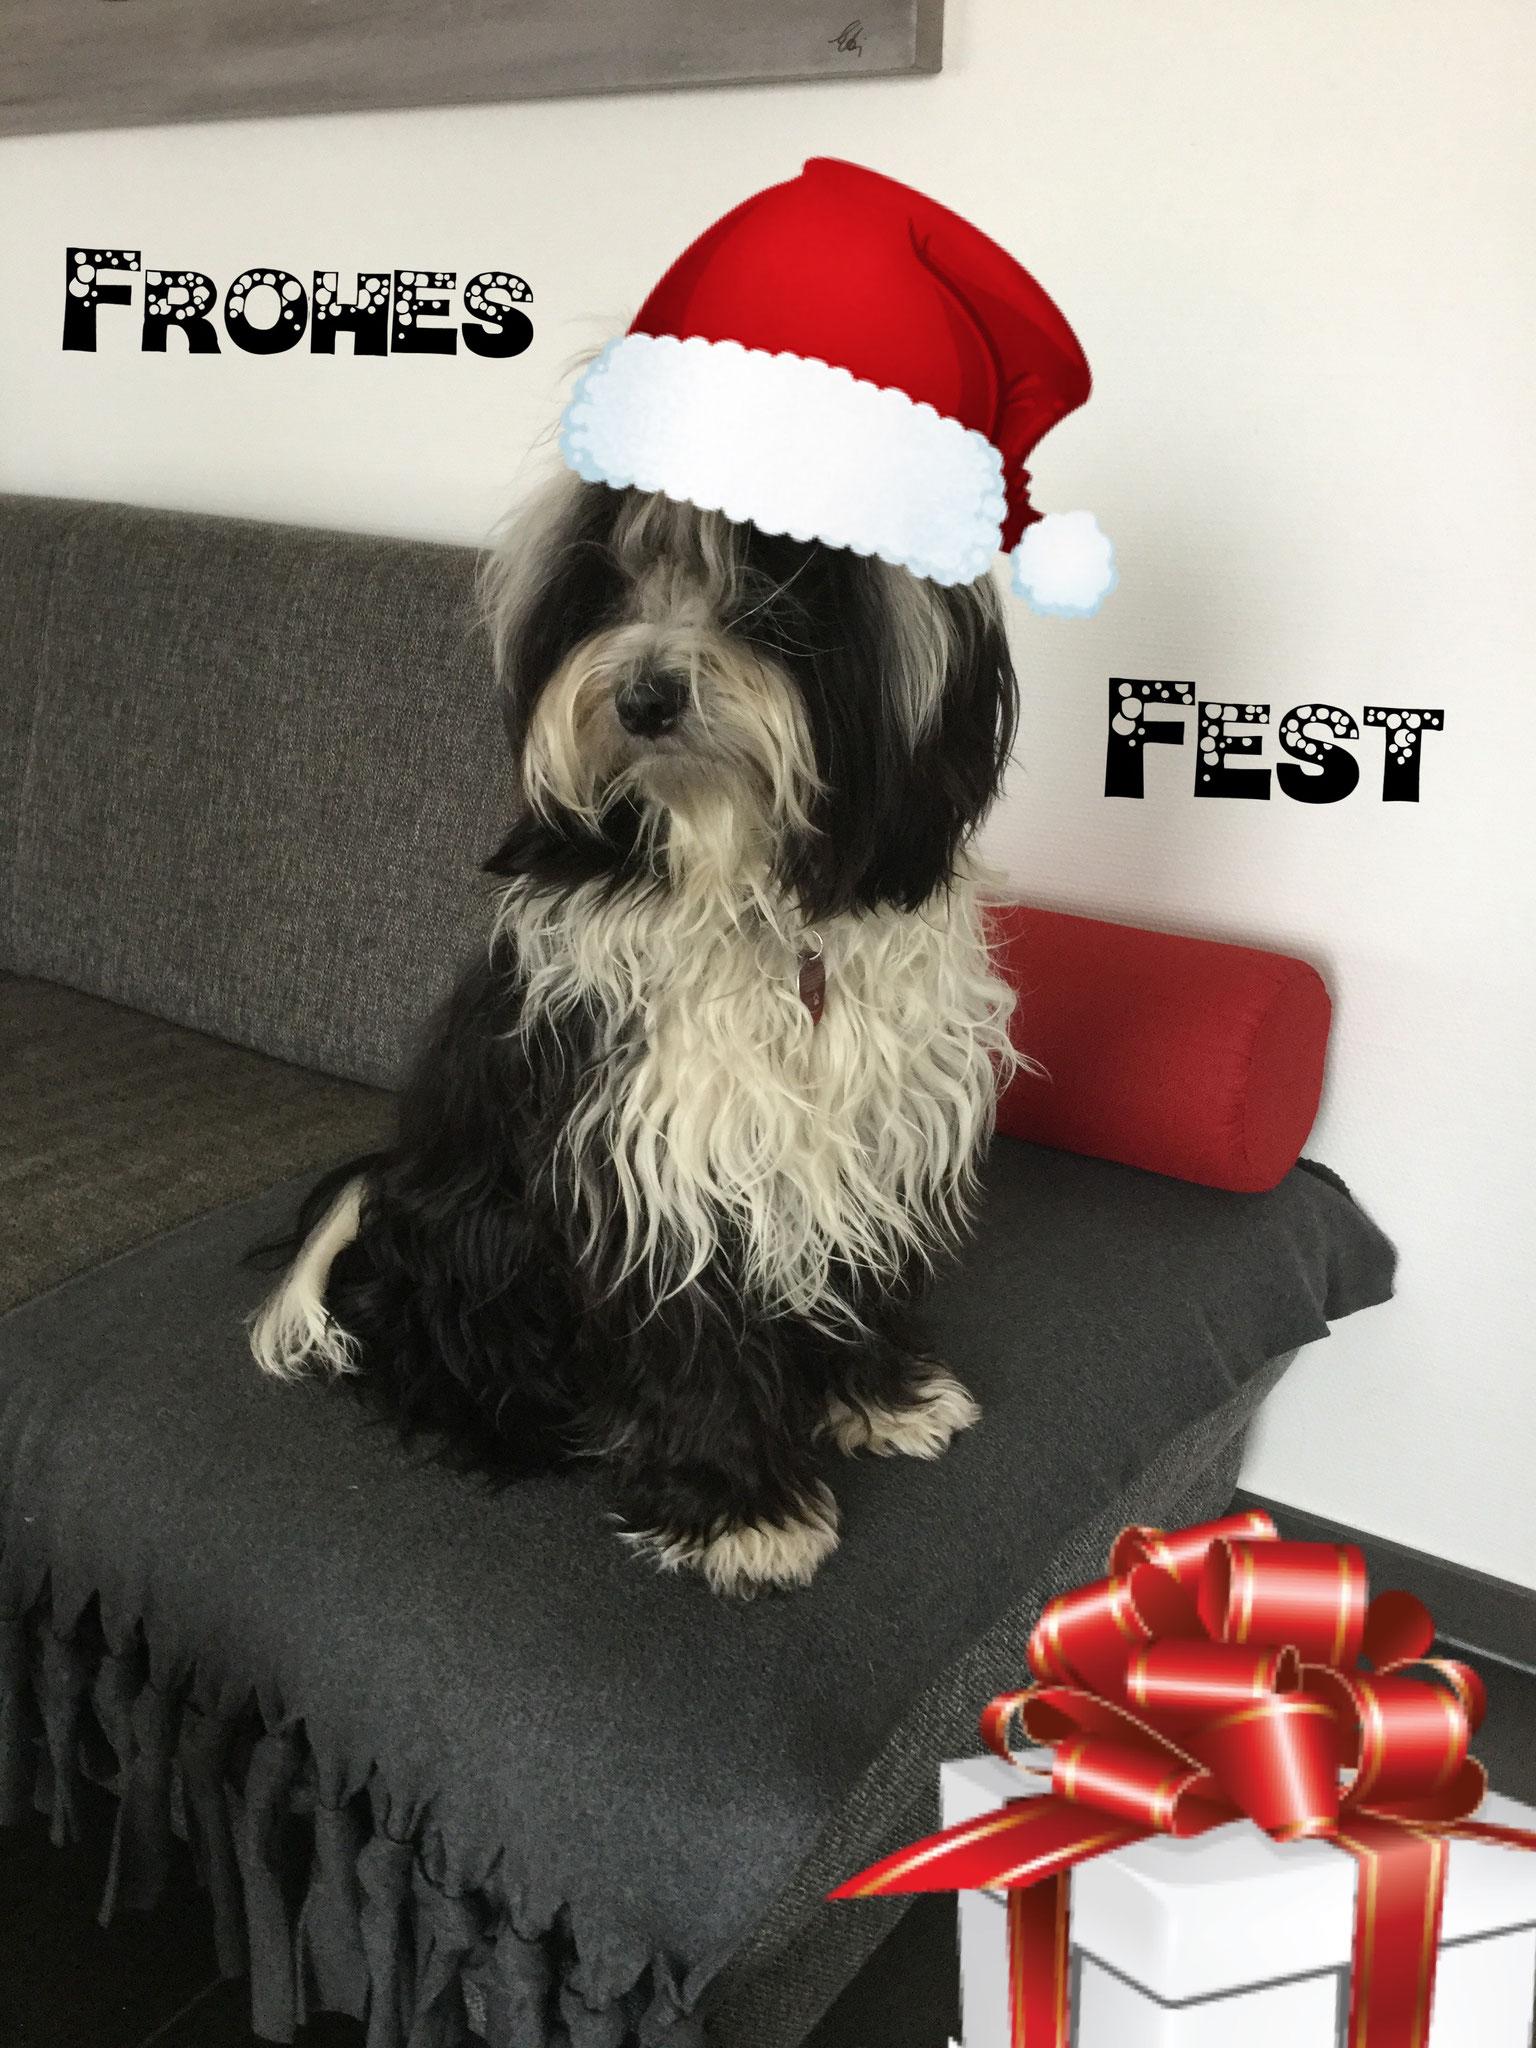 Akani der Weihnachtself äääh Hund, schickt euch liebe Grüße aus dem Emsland !